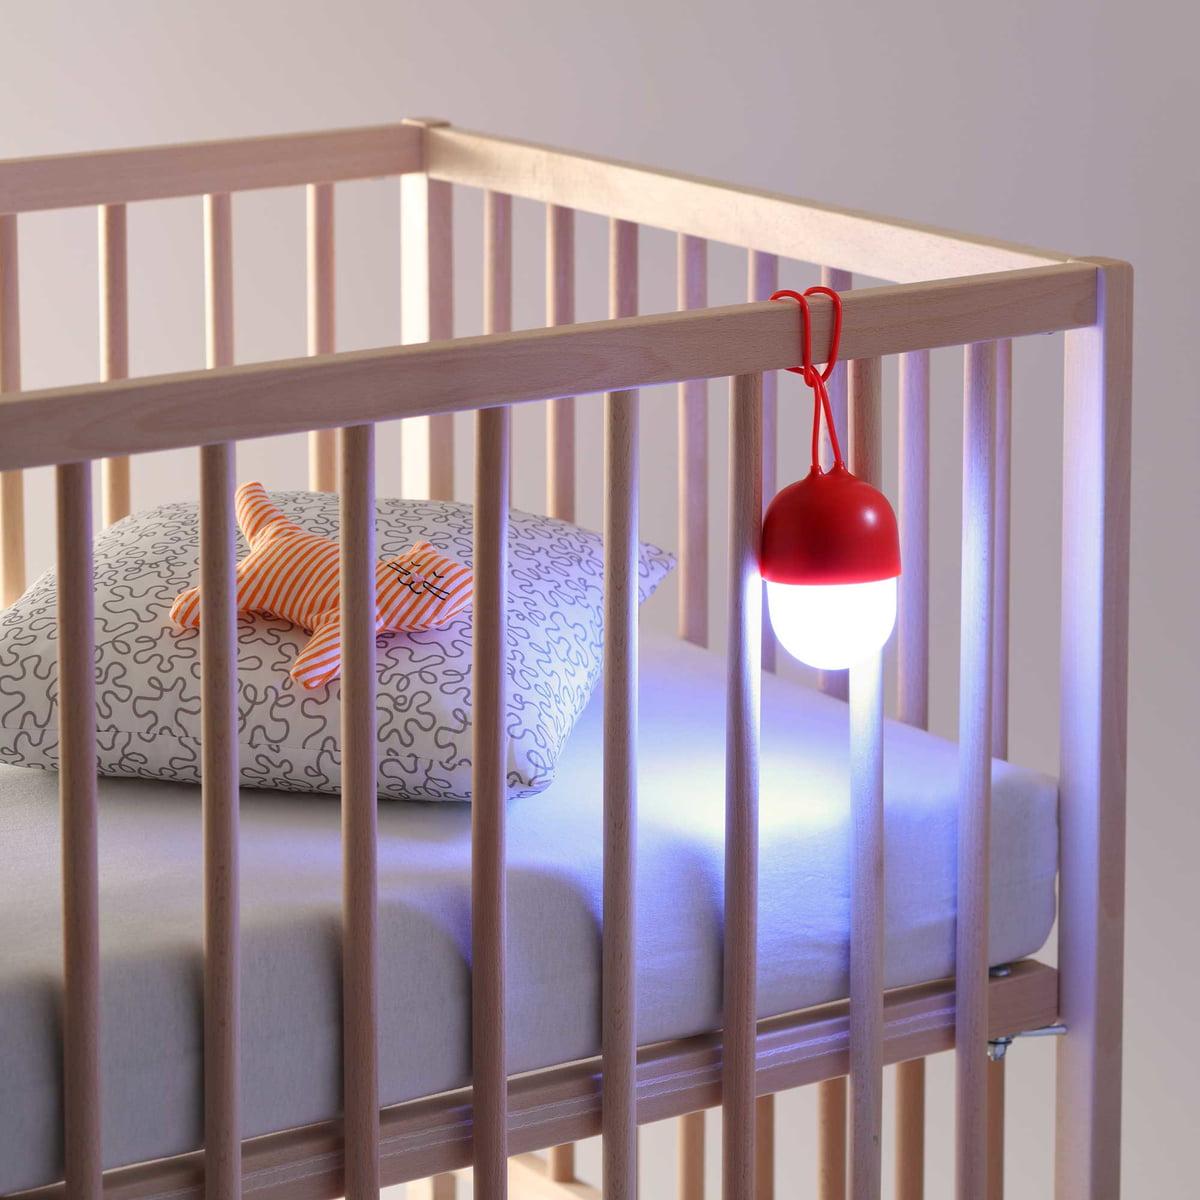 Clover led licht von lexon im shop kaufen - Licht kinderzimmer ...